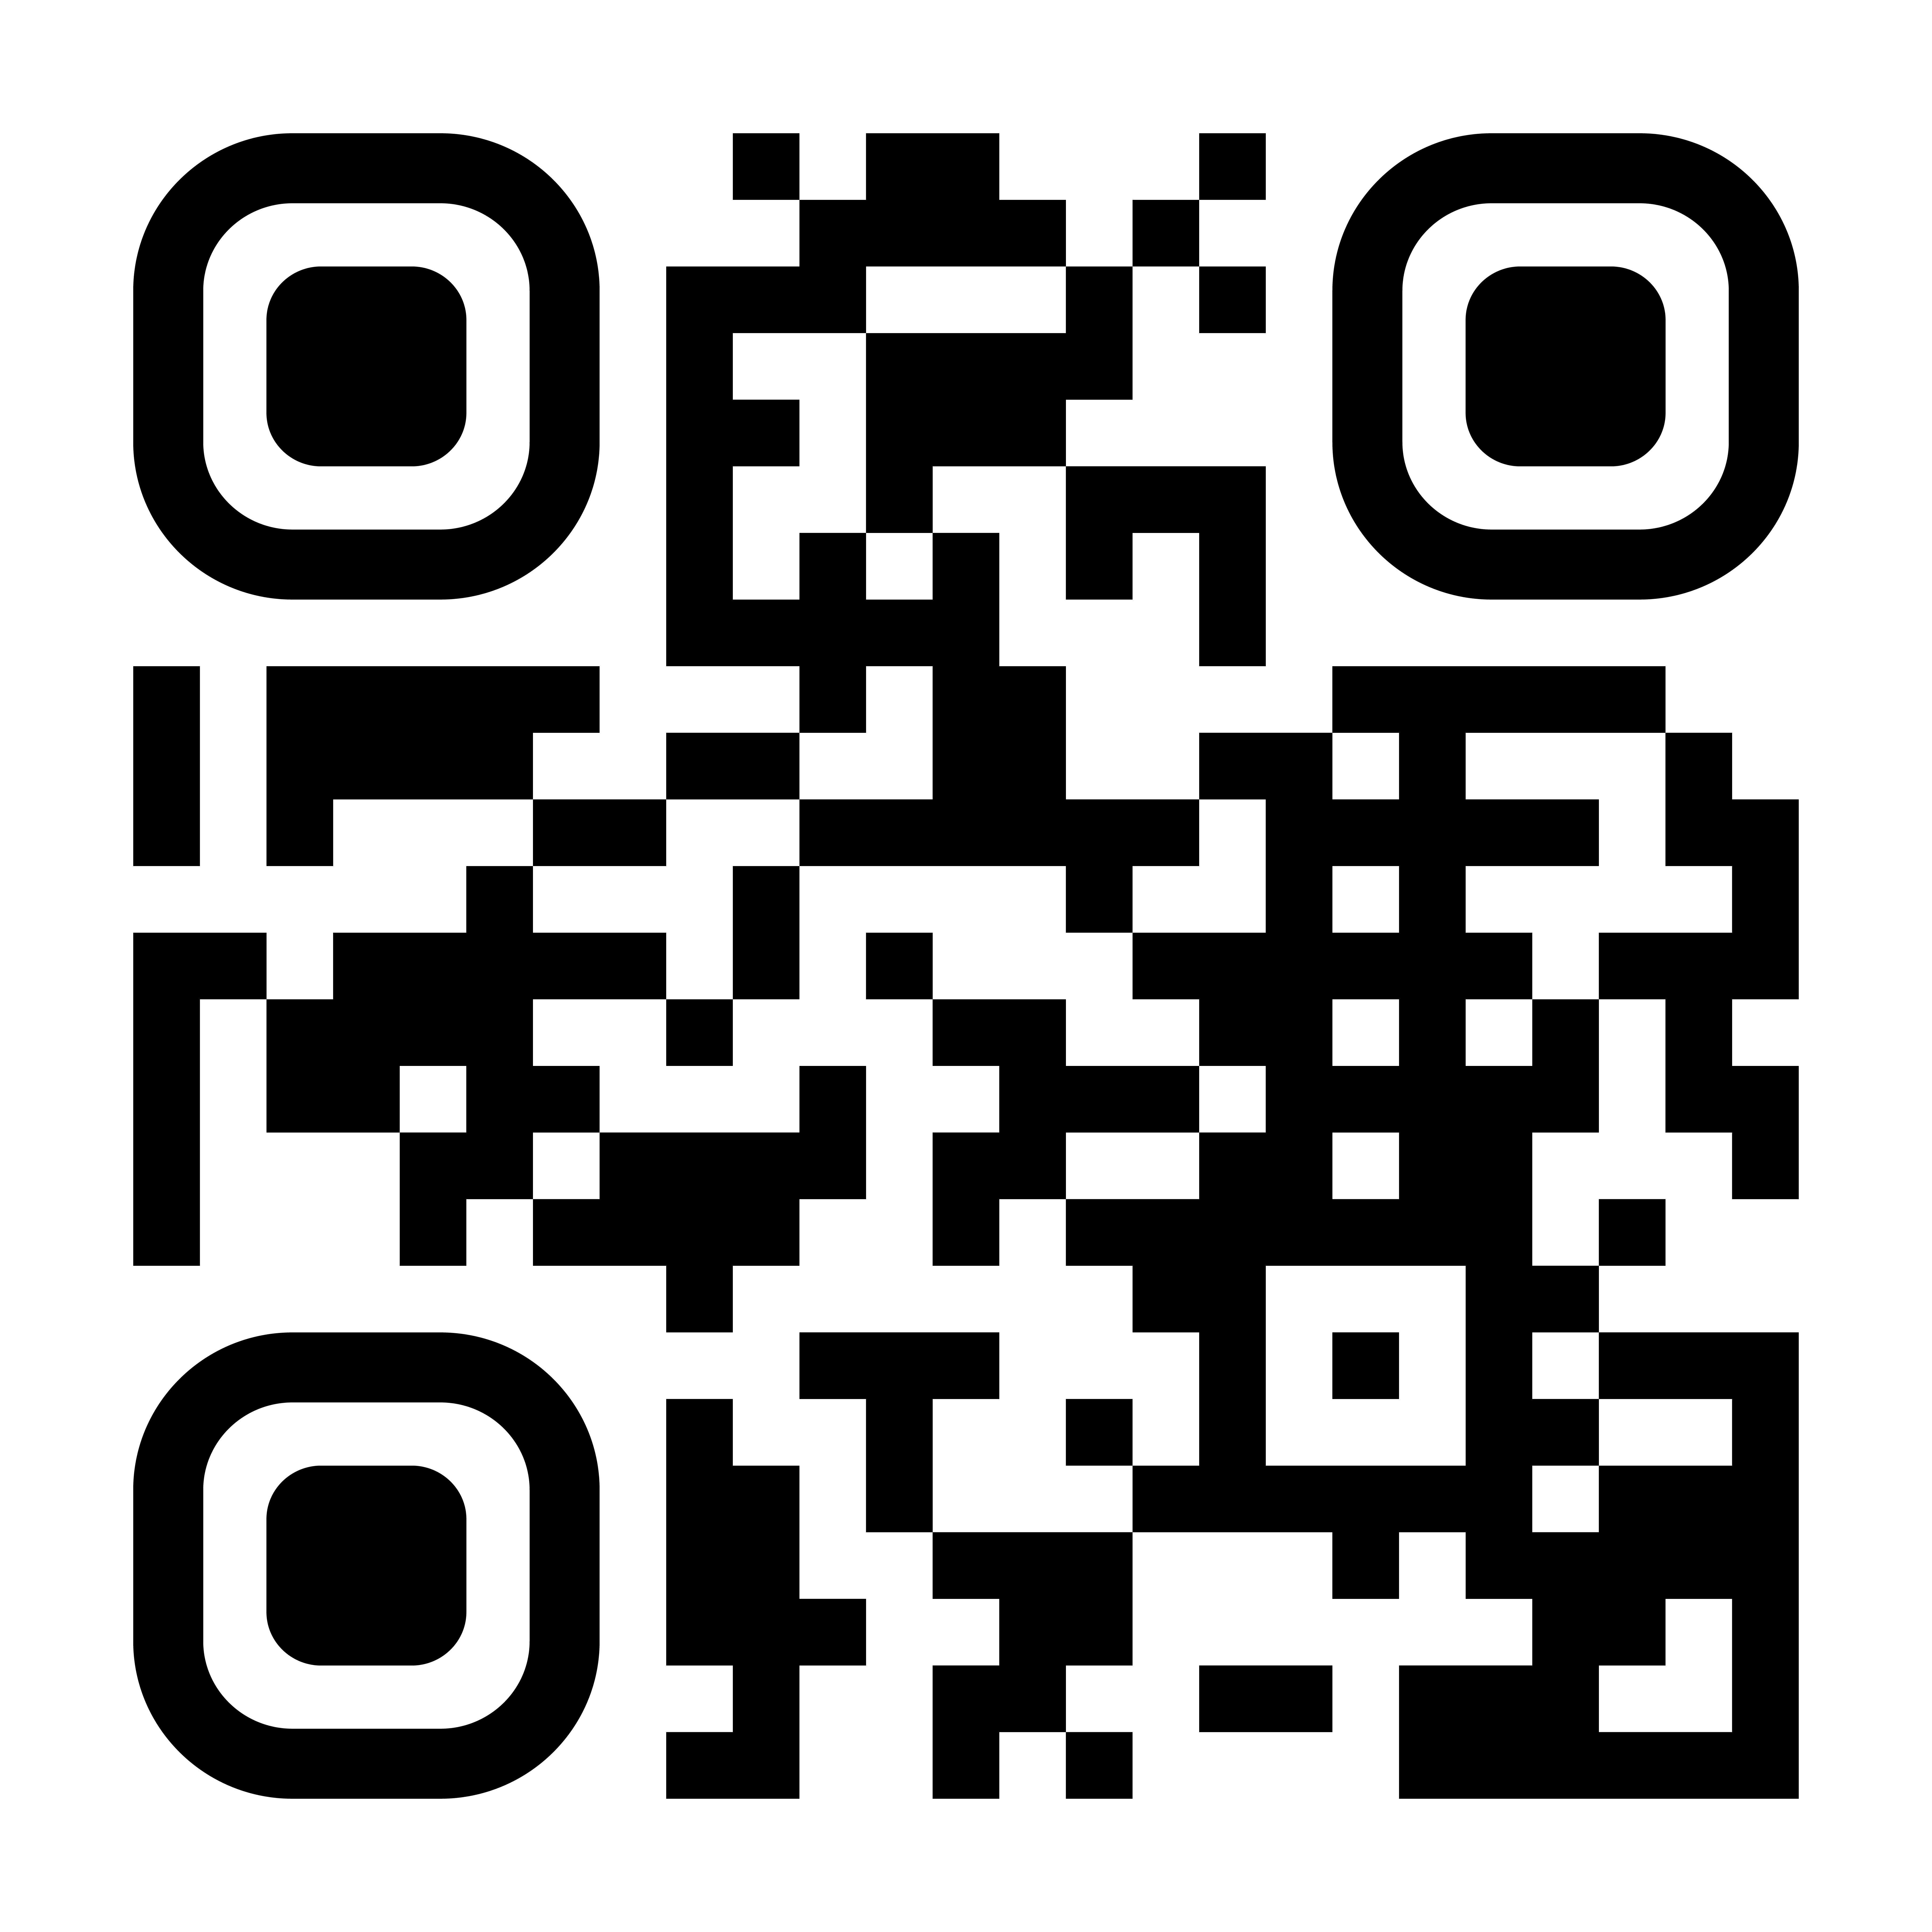 Código QR UFRO